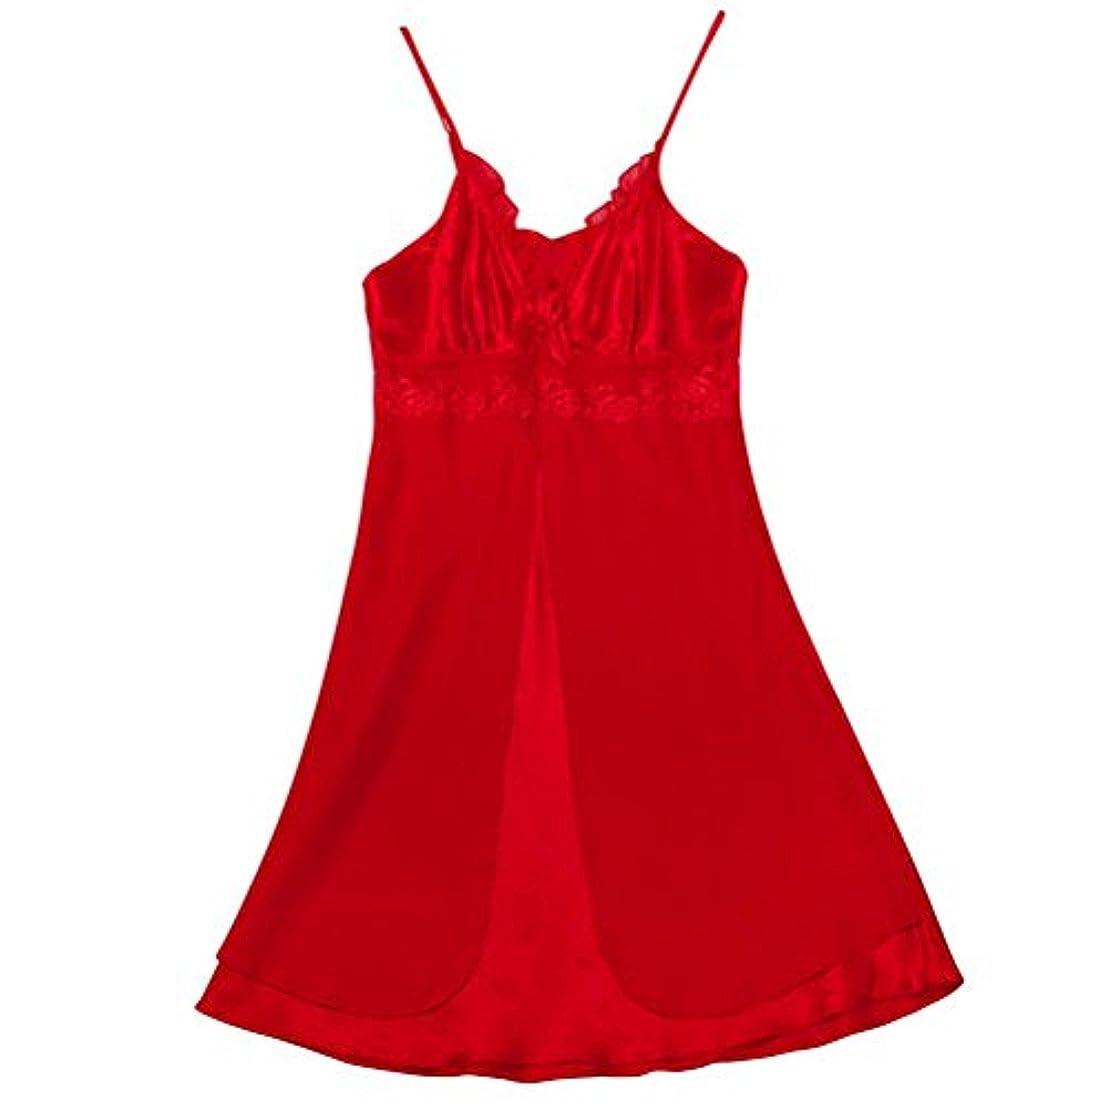 織機ポゴスティックジャンプ禁輸ランジェリー ファッション女性 セクシーレース 大きいサイズ 寝間着 下着レース ベビードール セット ストラップレース 夜 ドレスセクシー